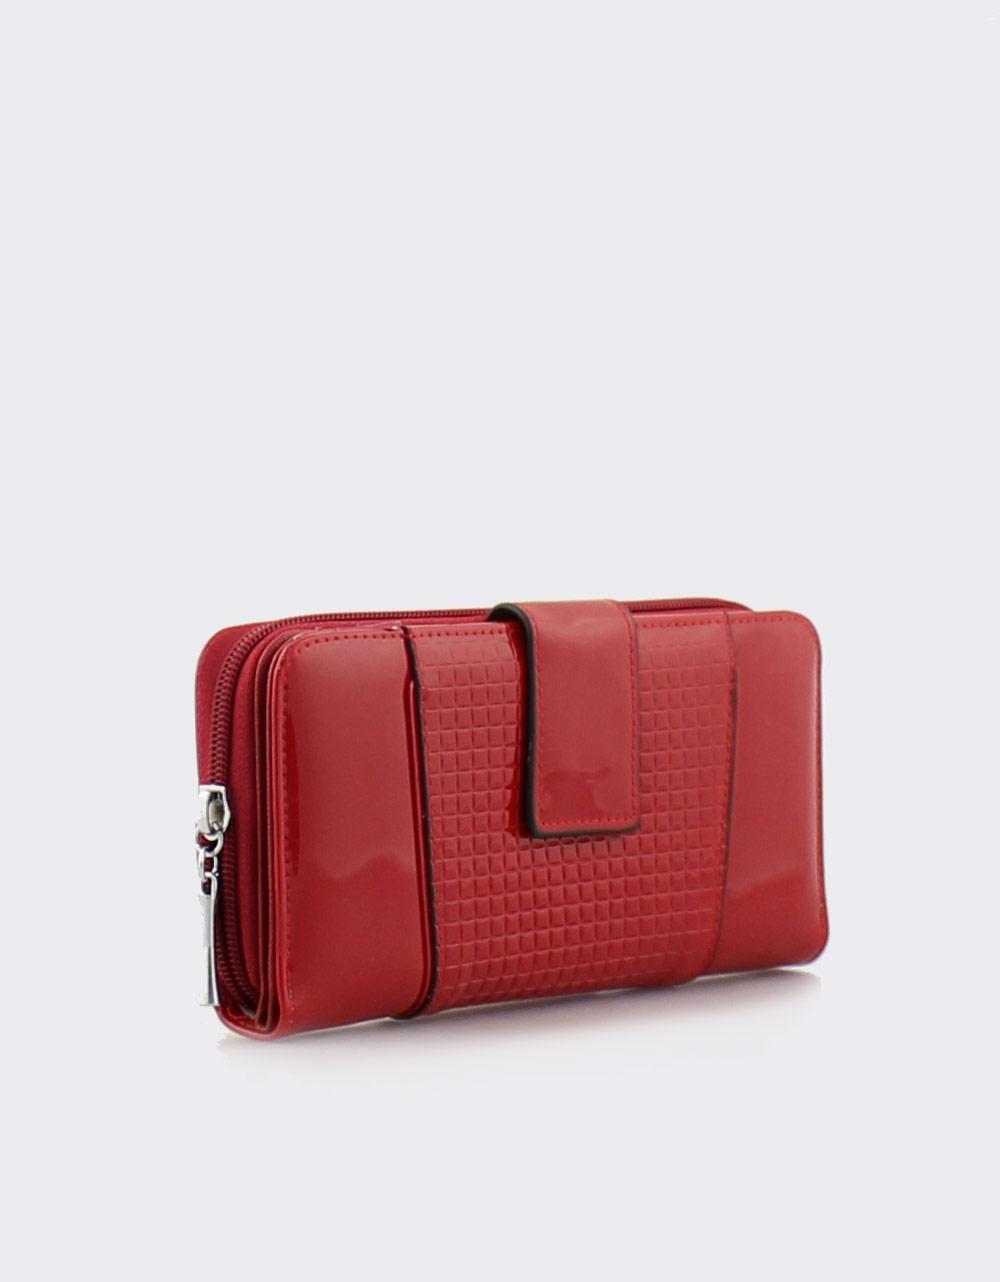 5359d1c9b1 Εικόνα από Γυναικεία πορτοφόλια λουστρίνι Κόκκινο